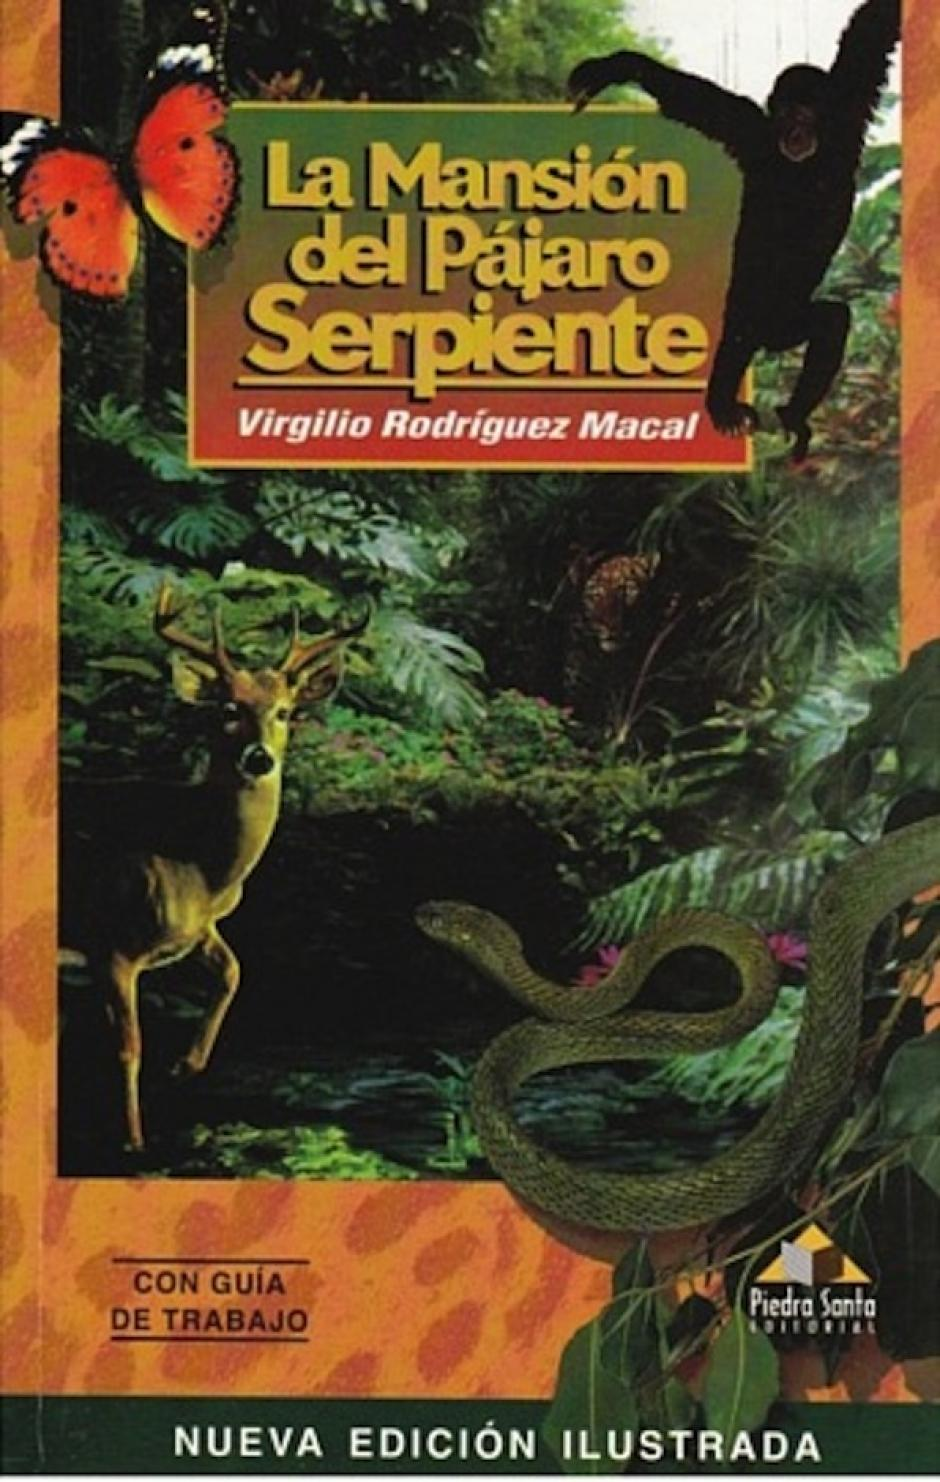 La mansión del pájaro serpiente es una de las más leídas. (Foto: virgiliorodriguezmacal.com)